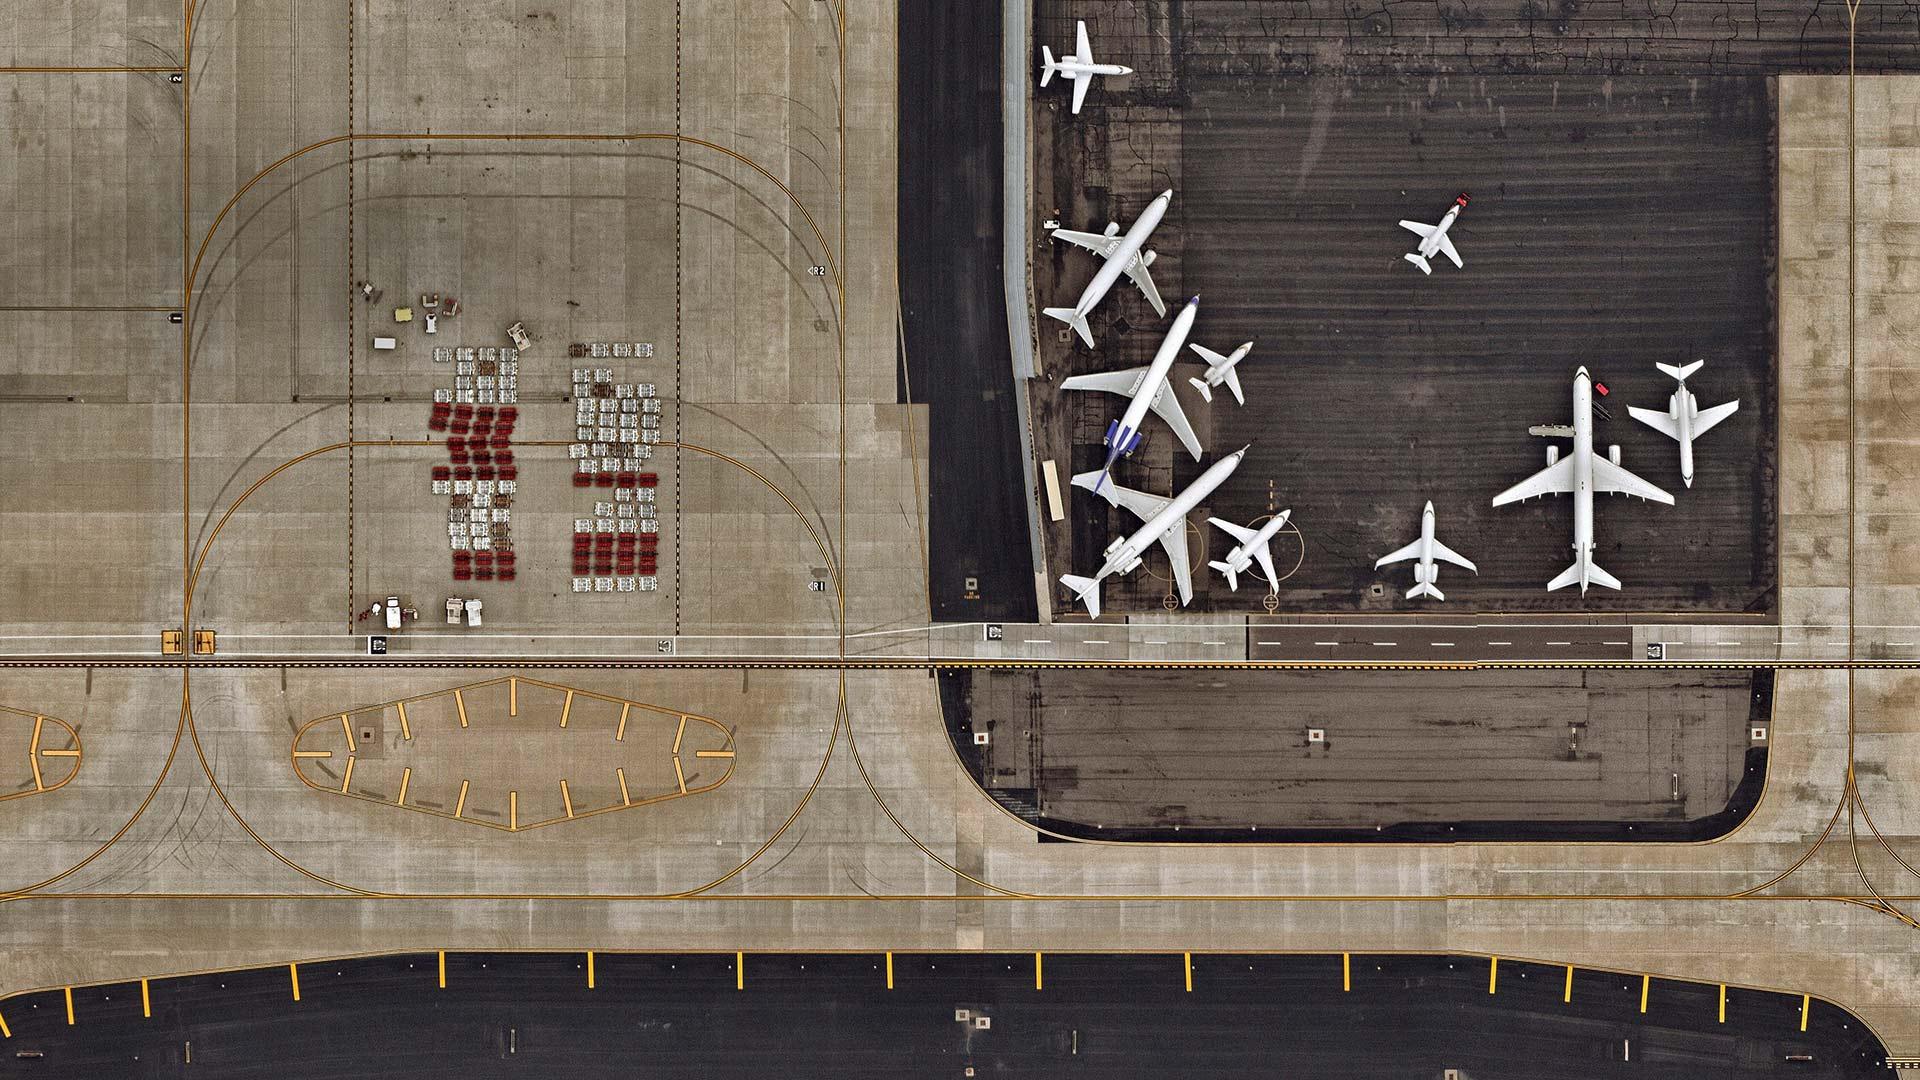 凤凰城天港国际机场鸟瞰图凤凰城天港国际机场